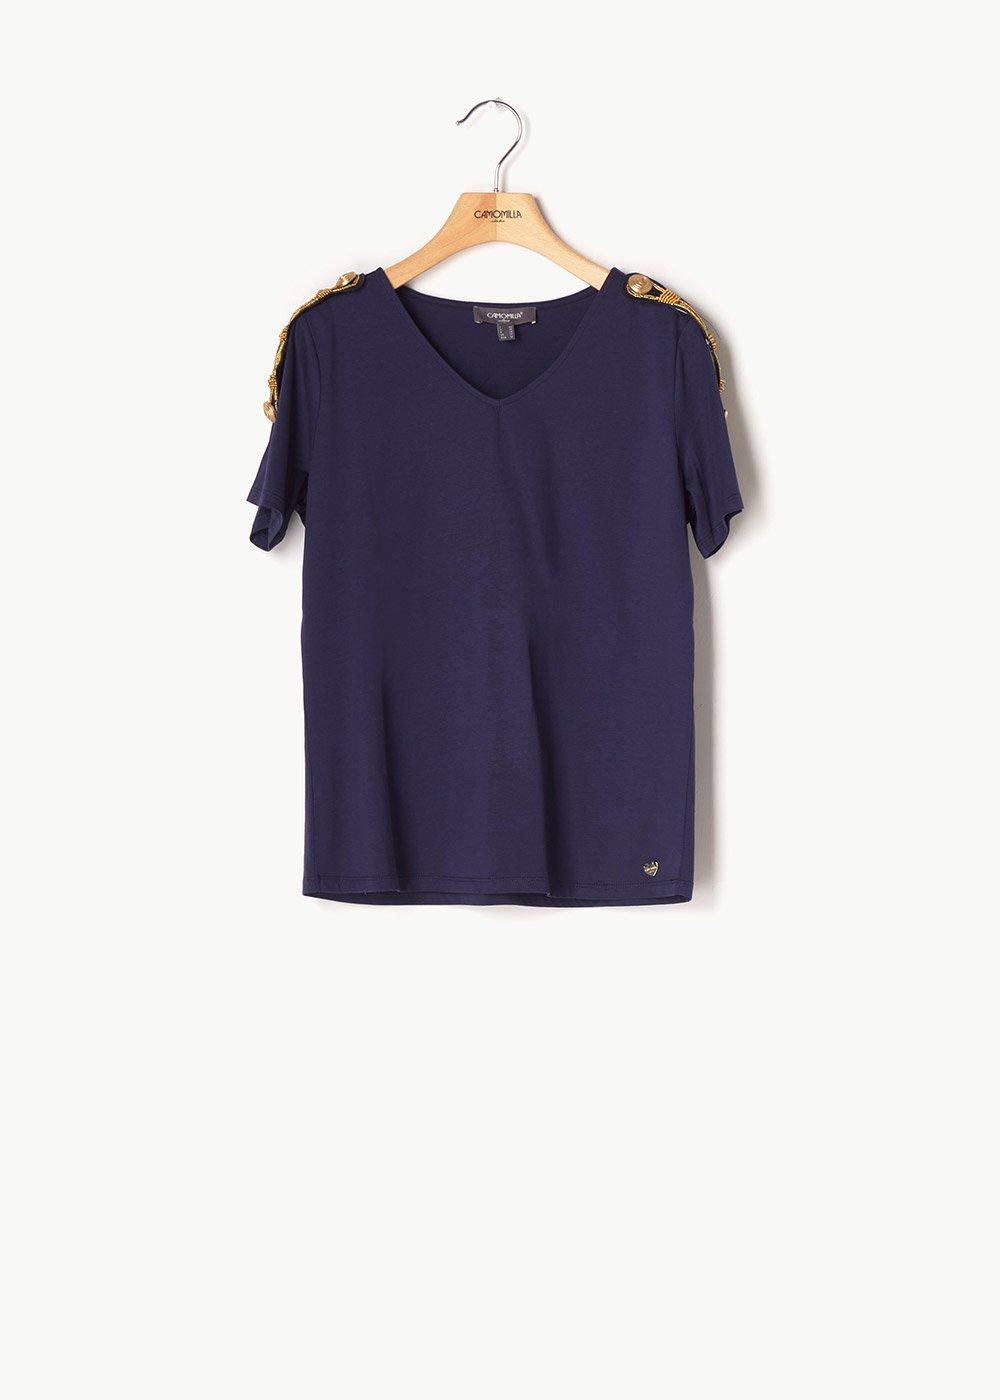 Shanan T-shirt with gold details - Medium Blue - Woman